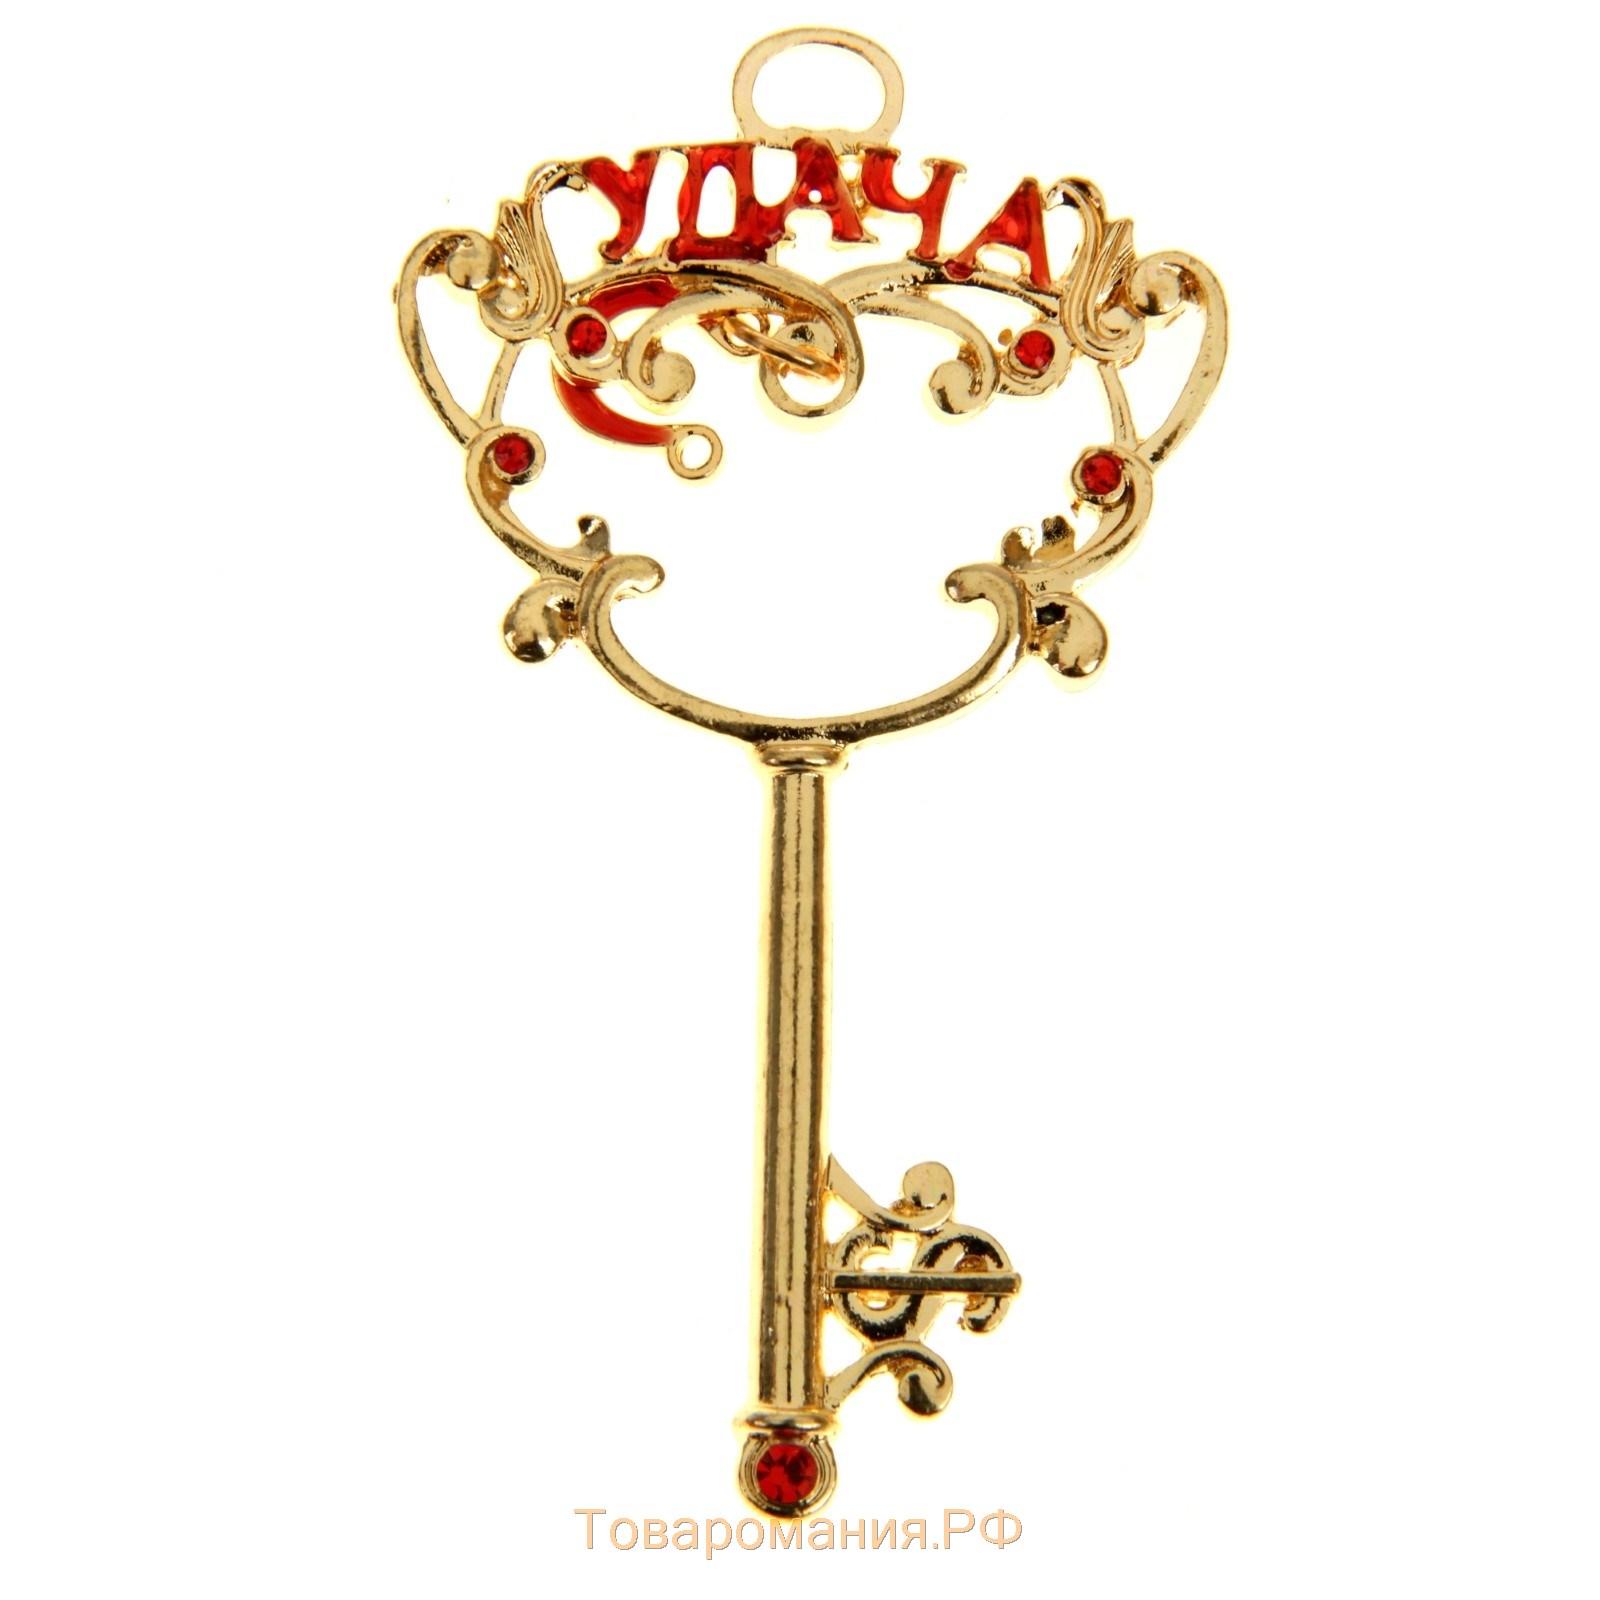 Поздравление к подарку золотые серьги